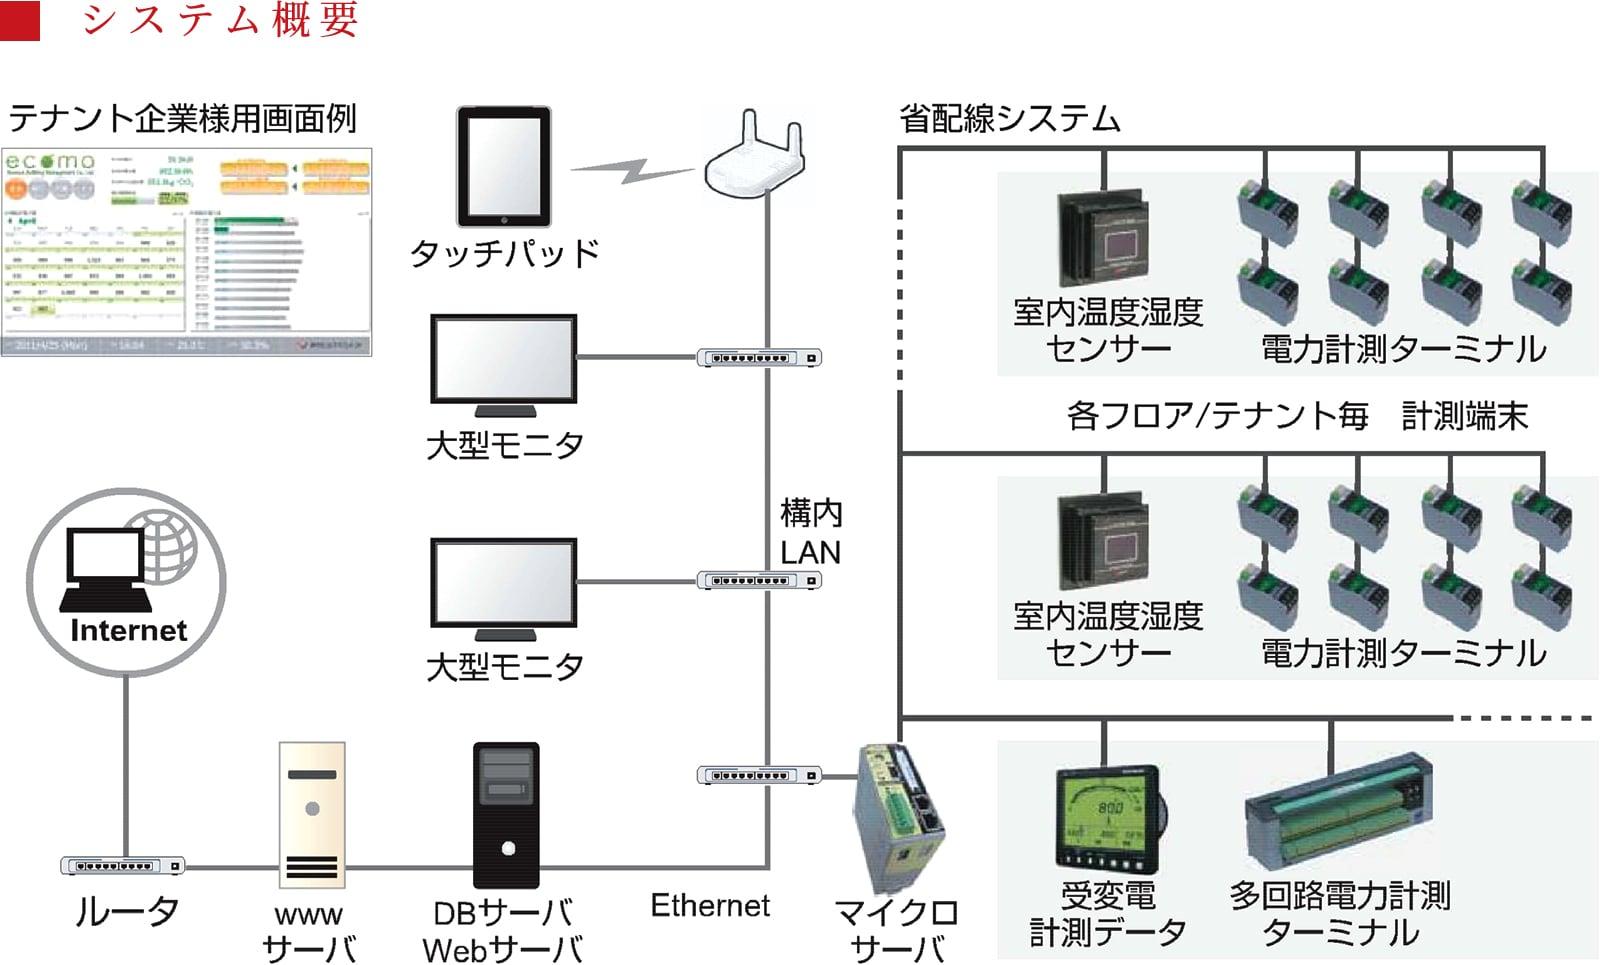 エネルギー使用量監視システムの機能・特徴の説明